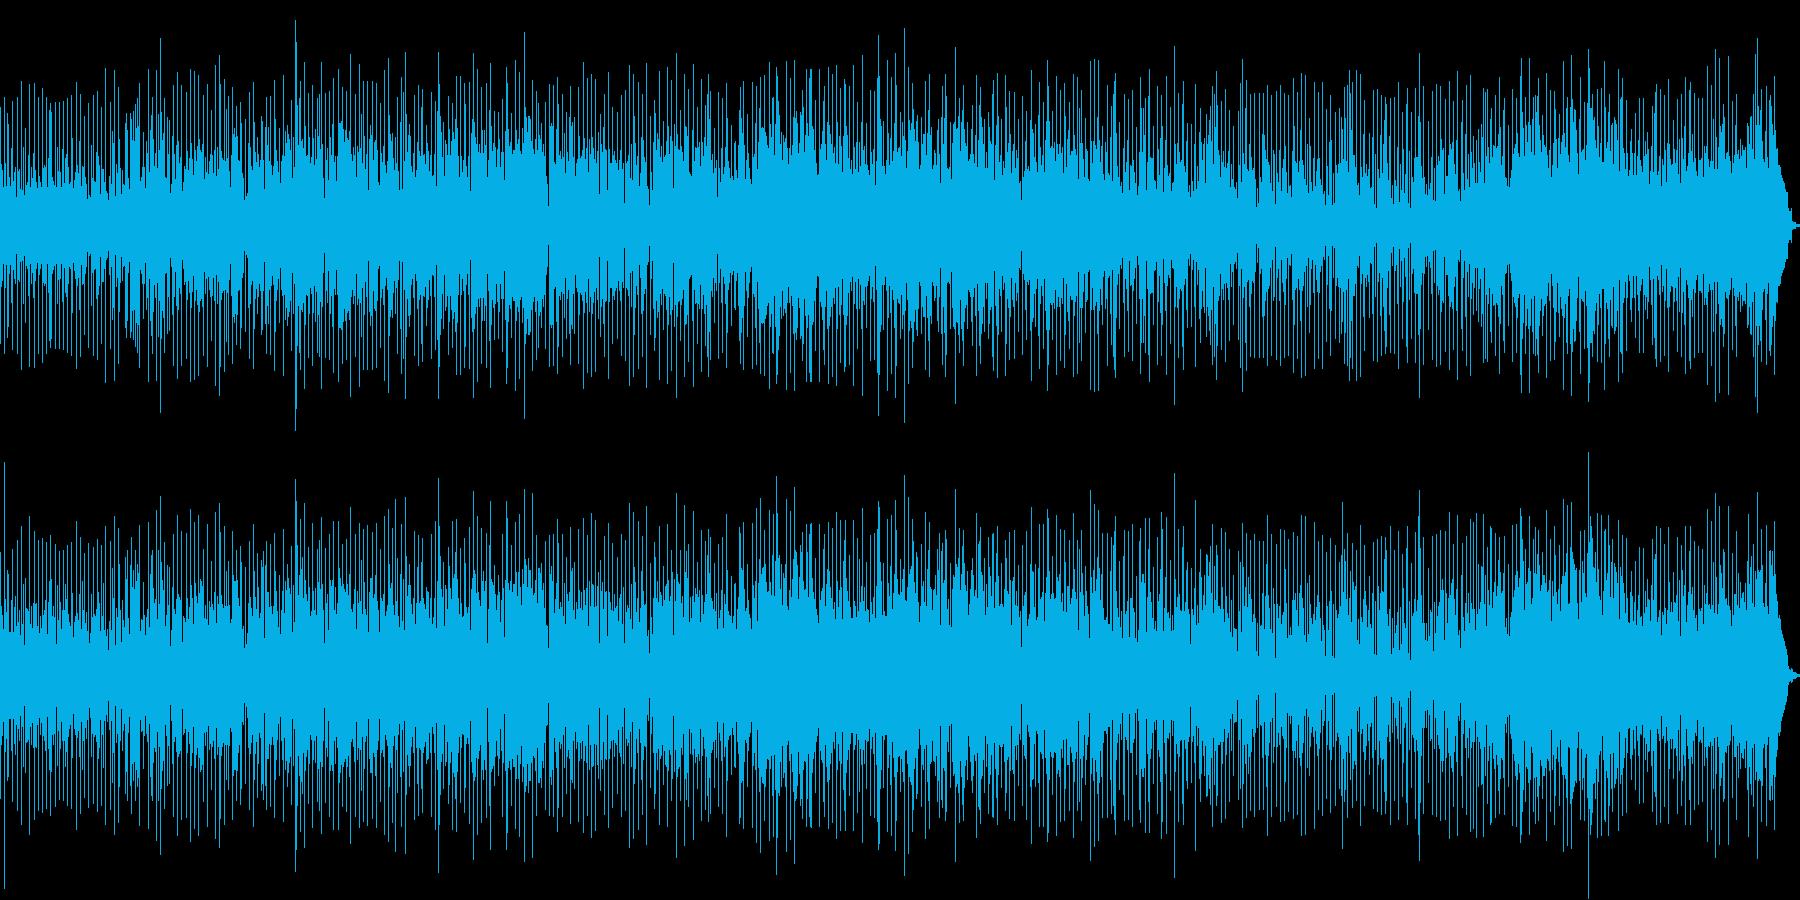 ケニーG調のサックス曲の再生済みの波形